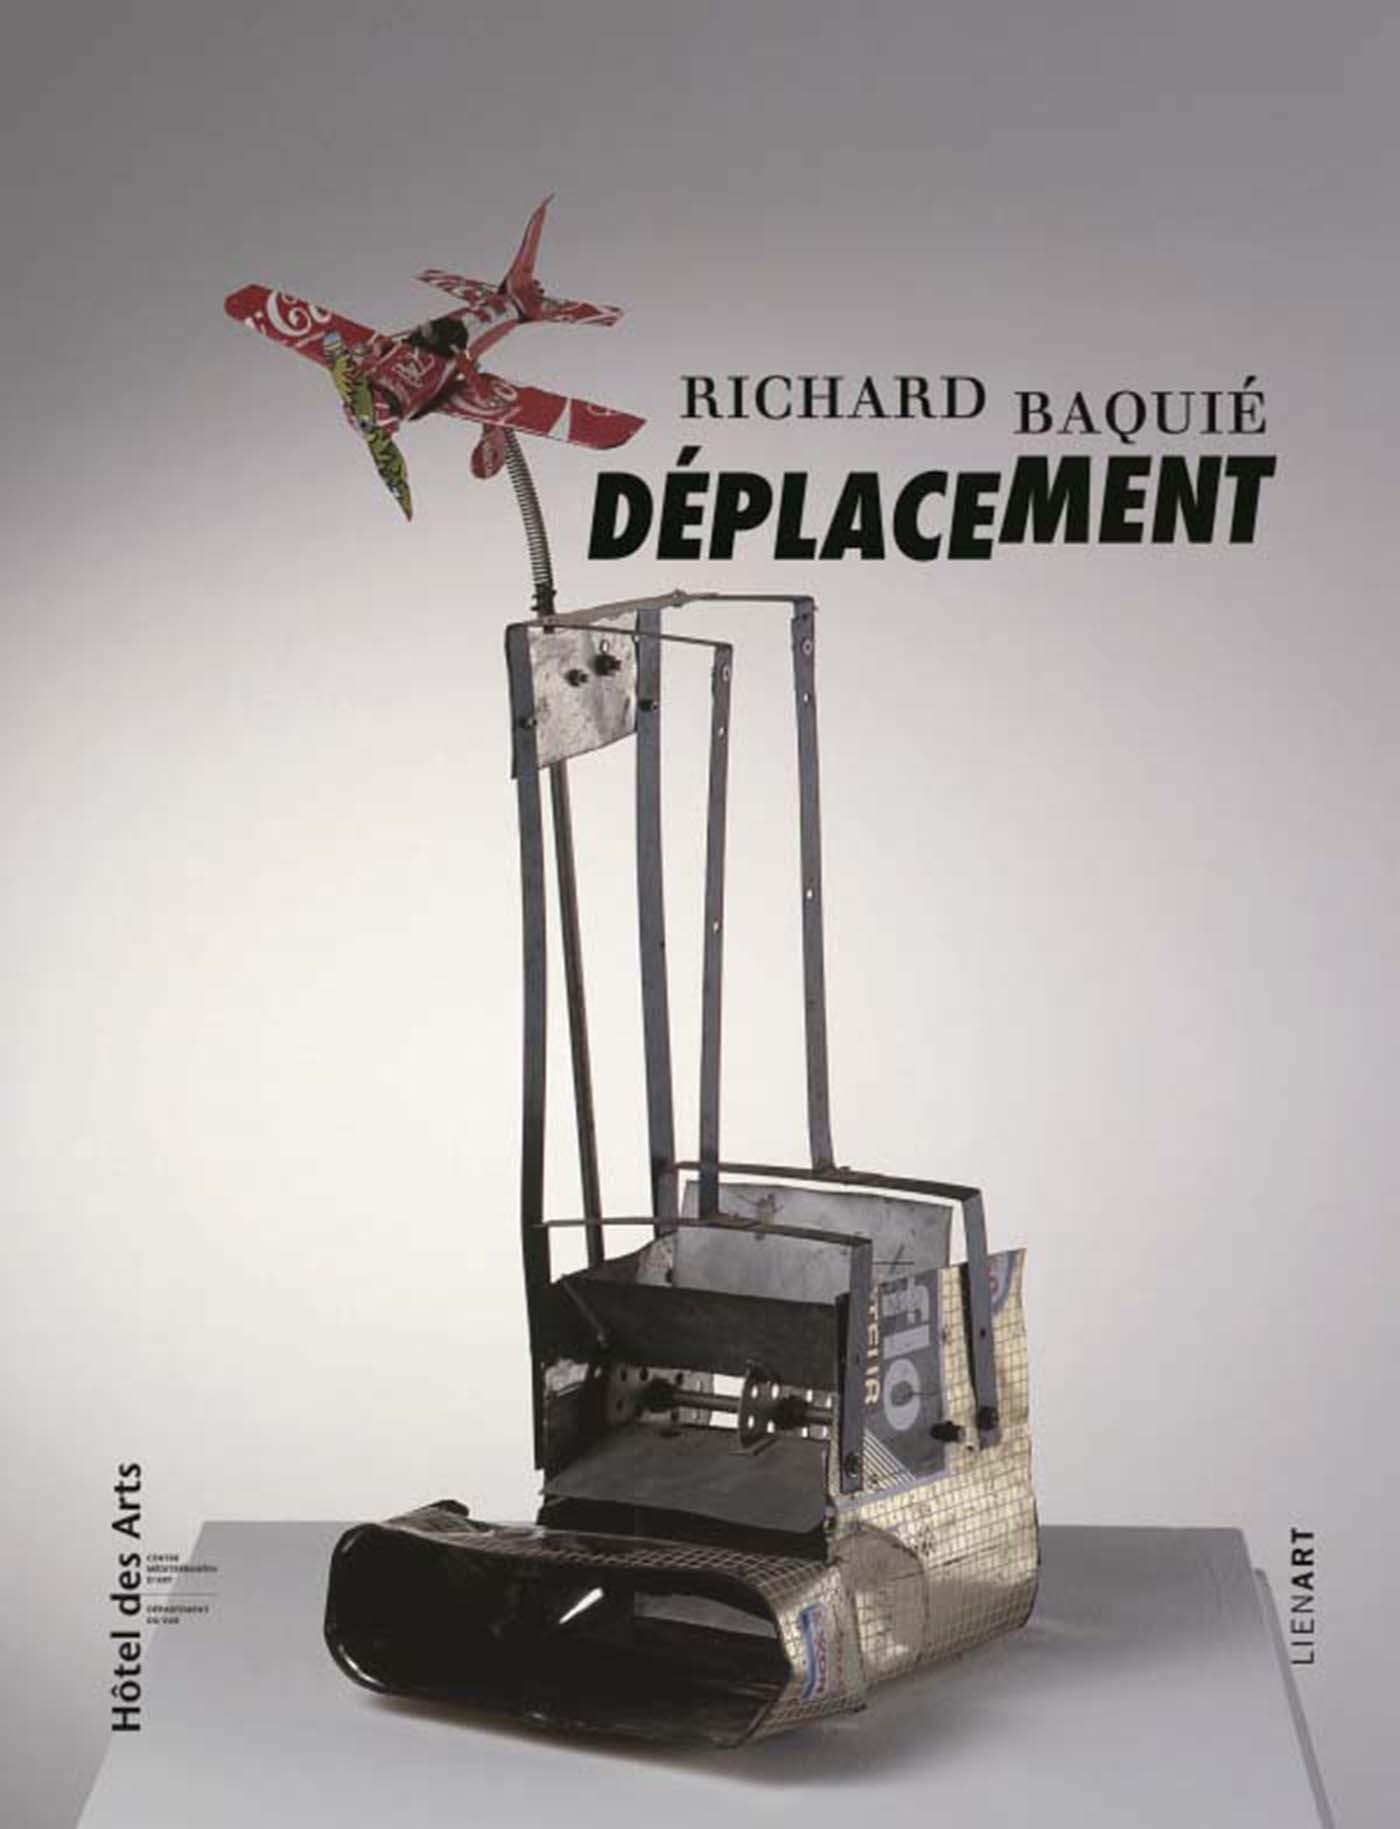 RICHARD BAQUIE. DEPLACEMENTS